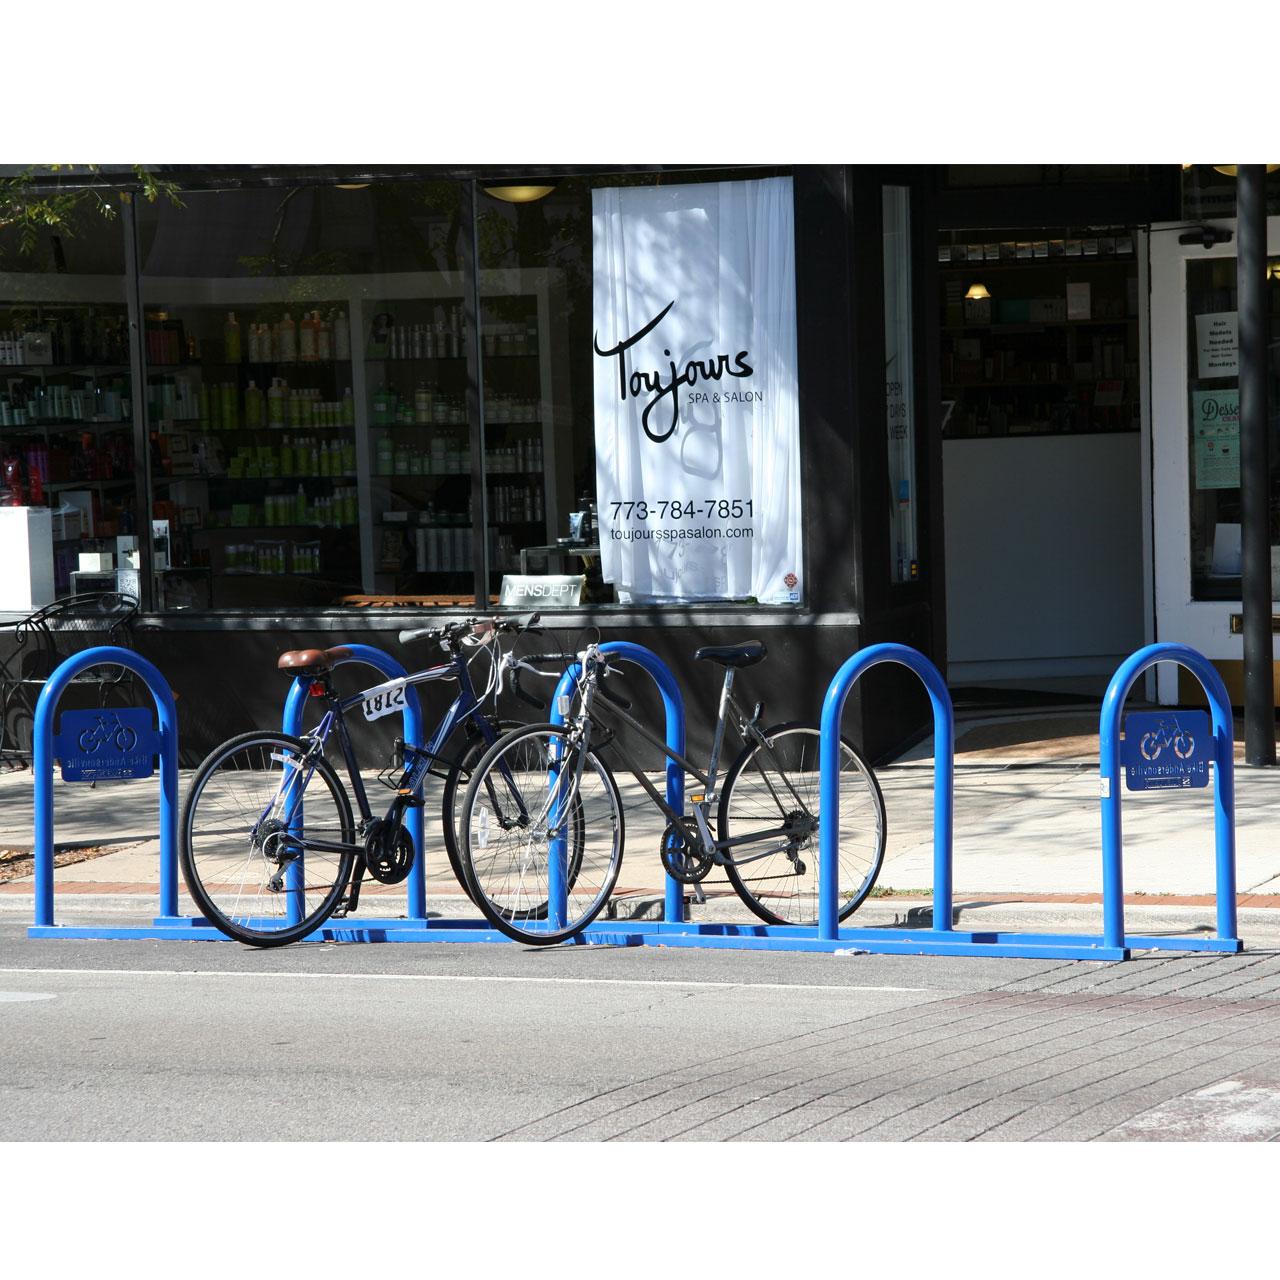 Bike Corral